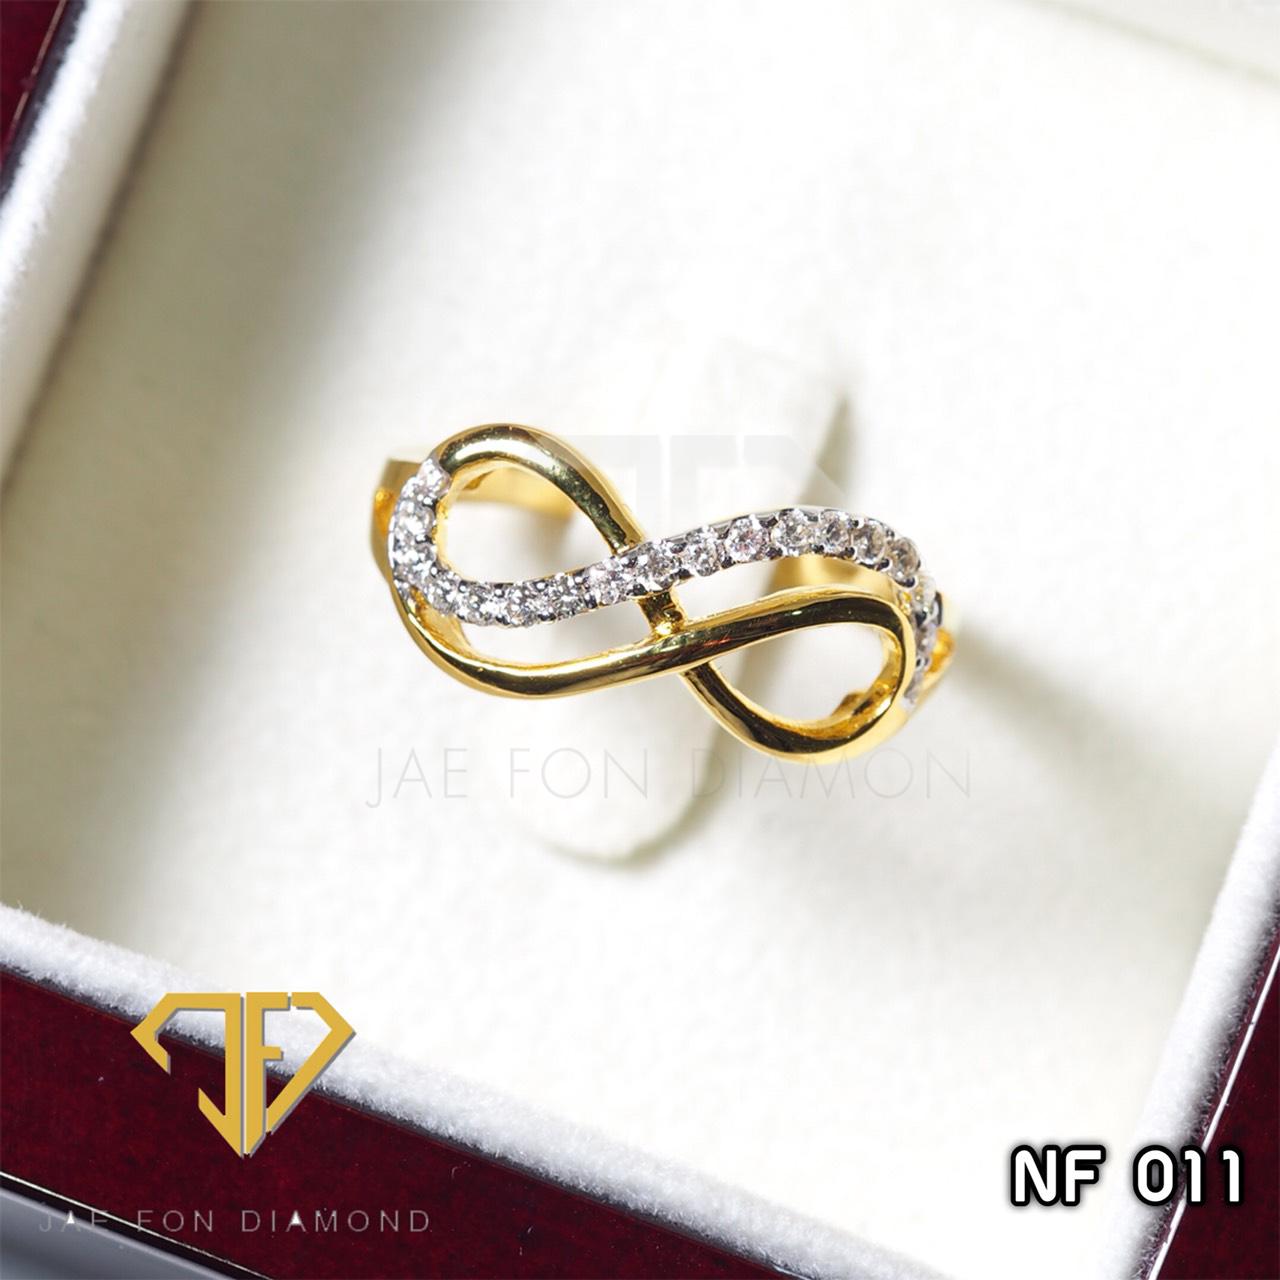 แหวนเพชรเบลเยี่ยมแท้ น้ำ98 อินฟินีตี้